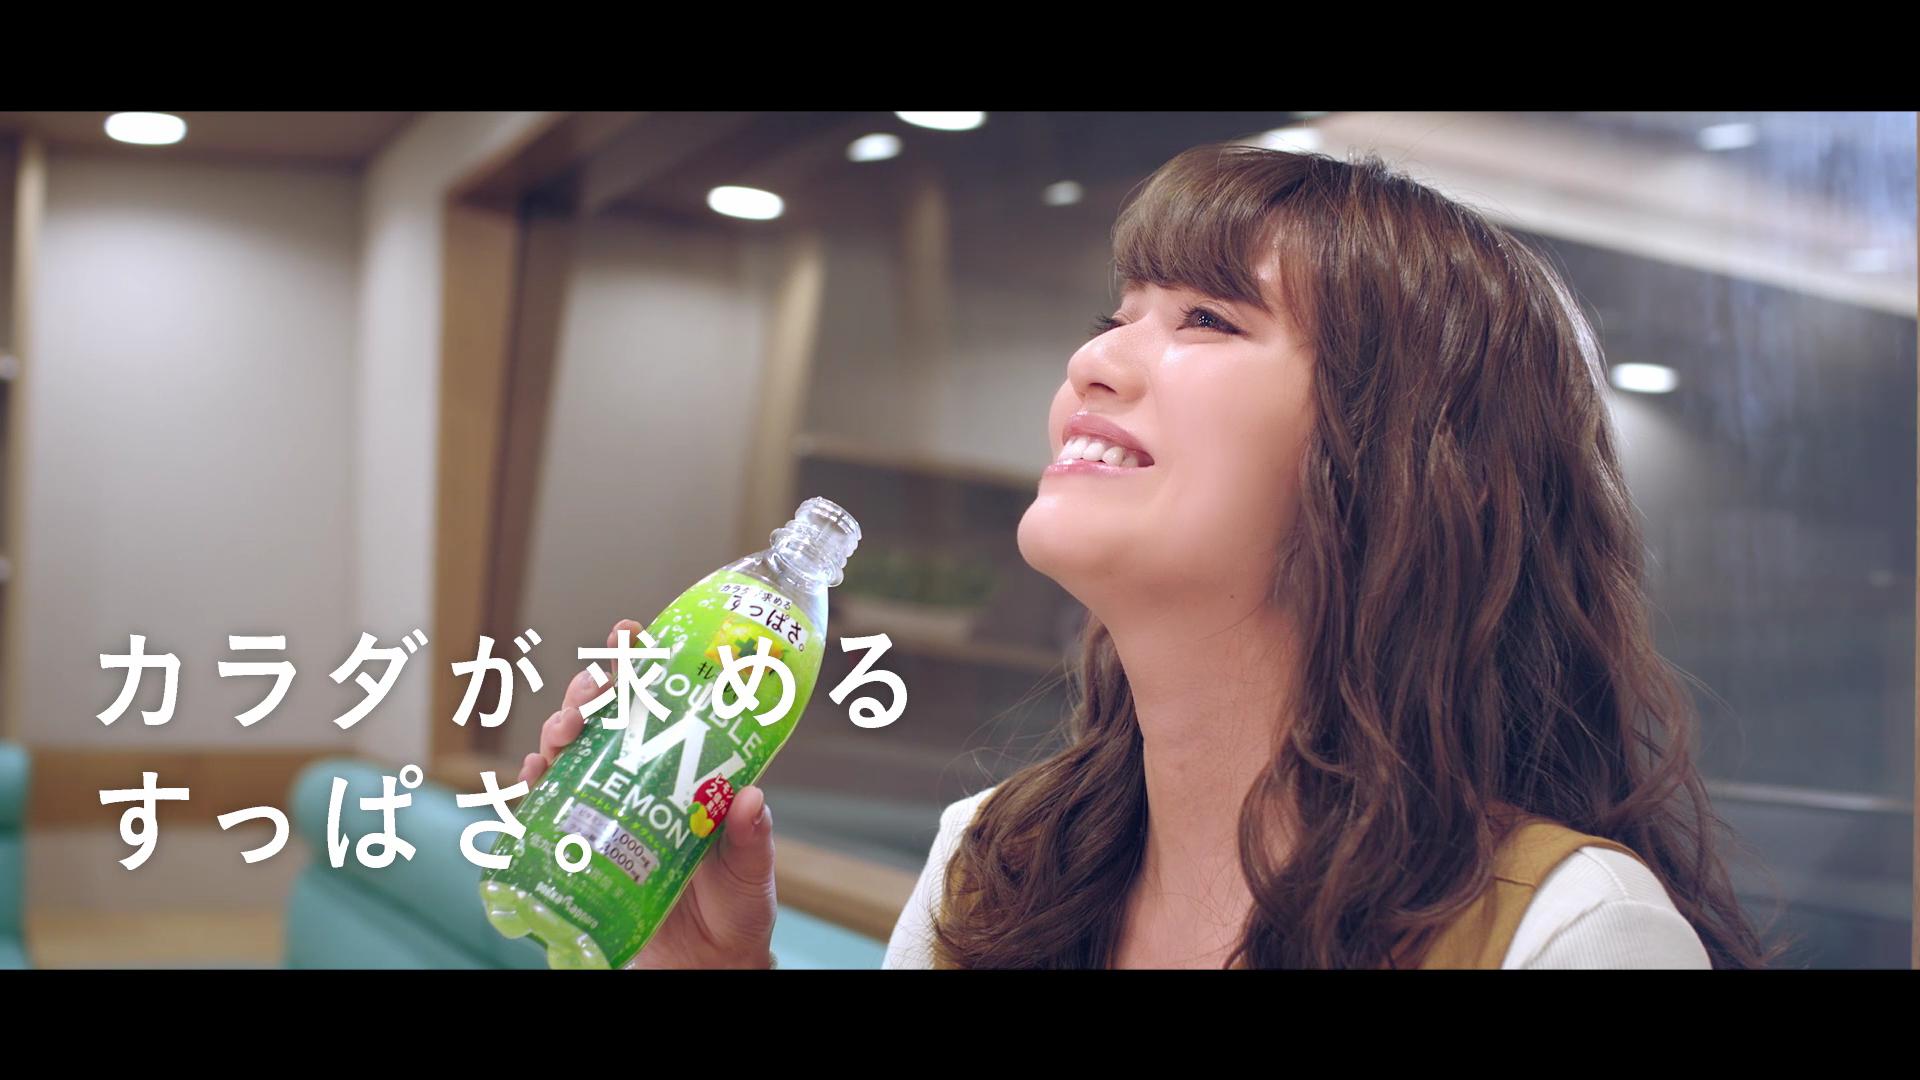 声優・藤井ゆきよ「キレートレモン ダブルレモン」発売記念CM